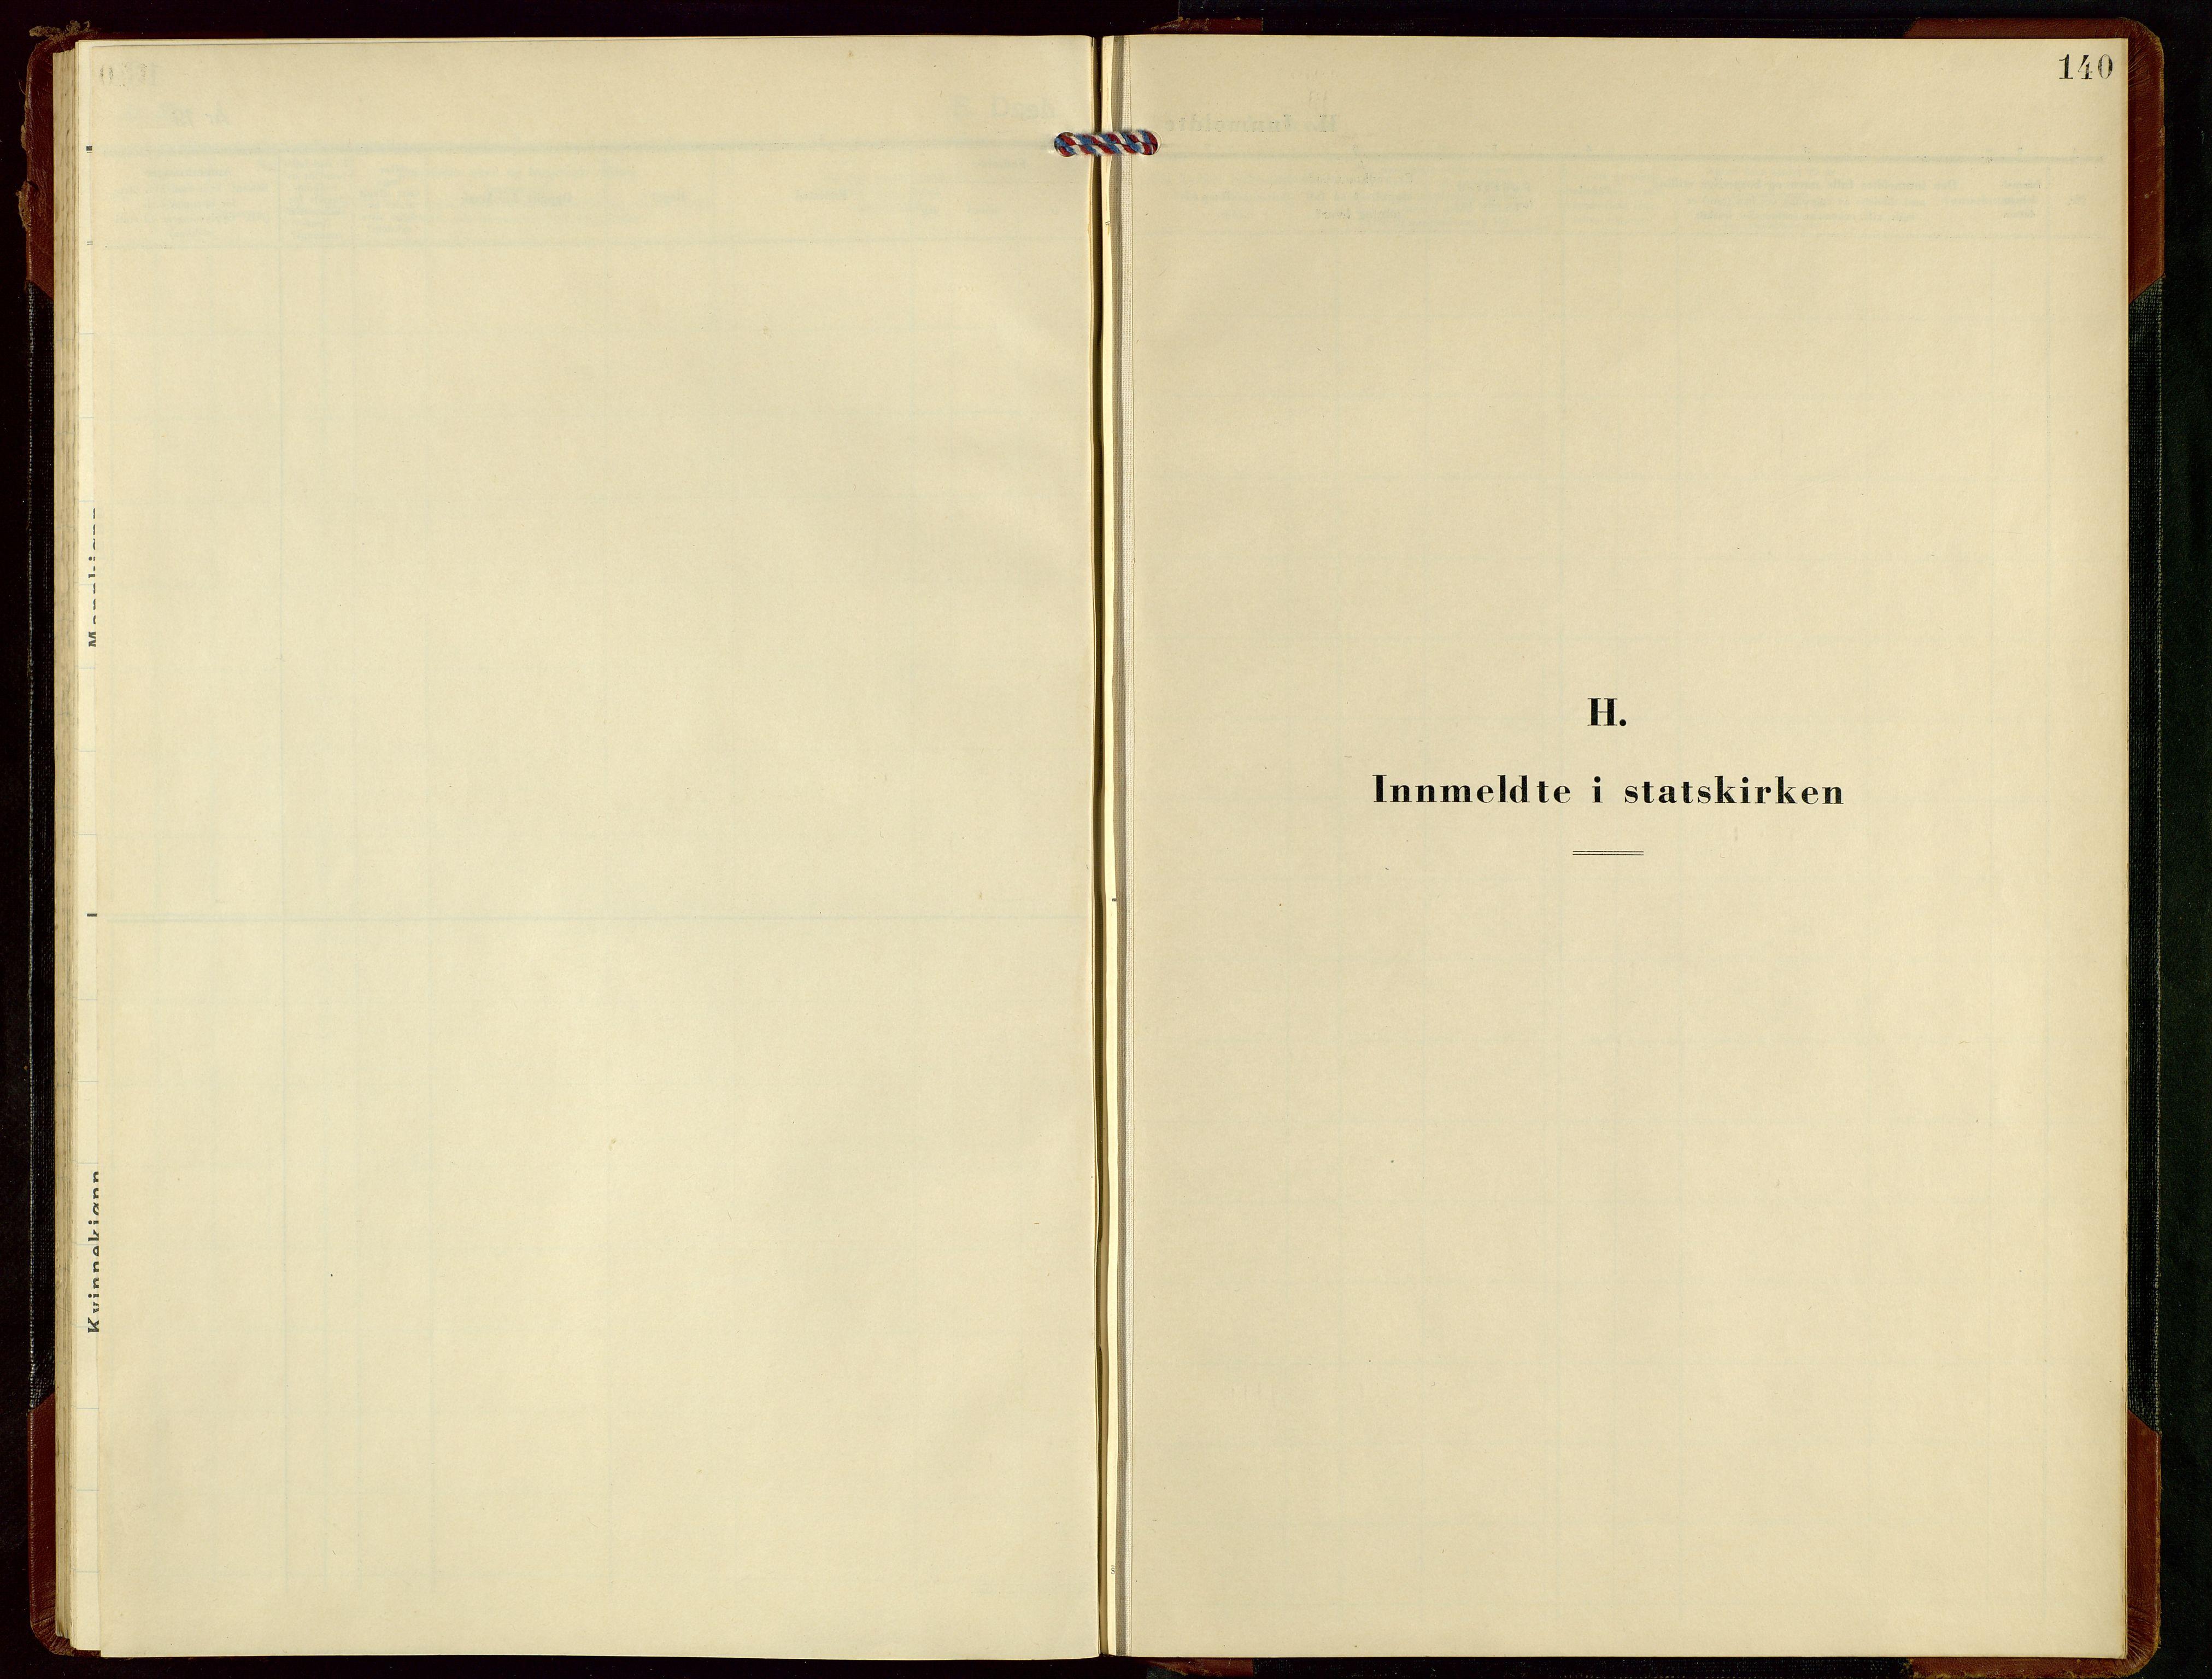 SAST, Rennesøy sokneprestkontor, H/Ha/Hab/L0019: Klokkerbok nr. B 18, 1950-1972, s. 140